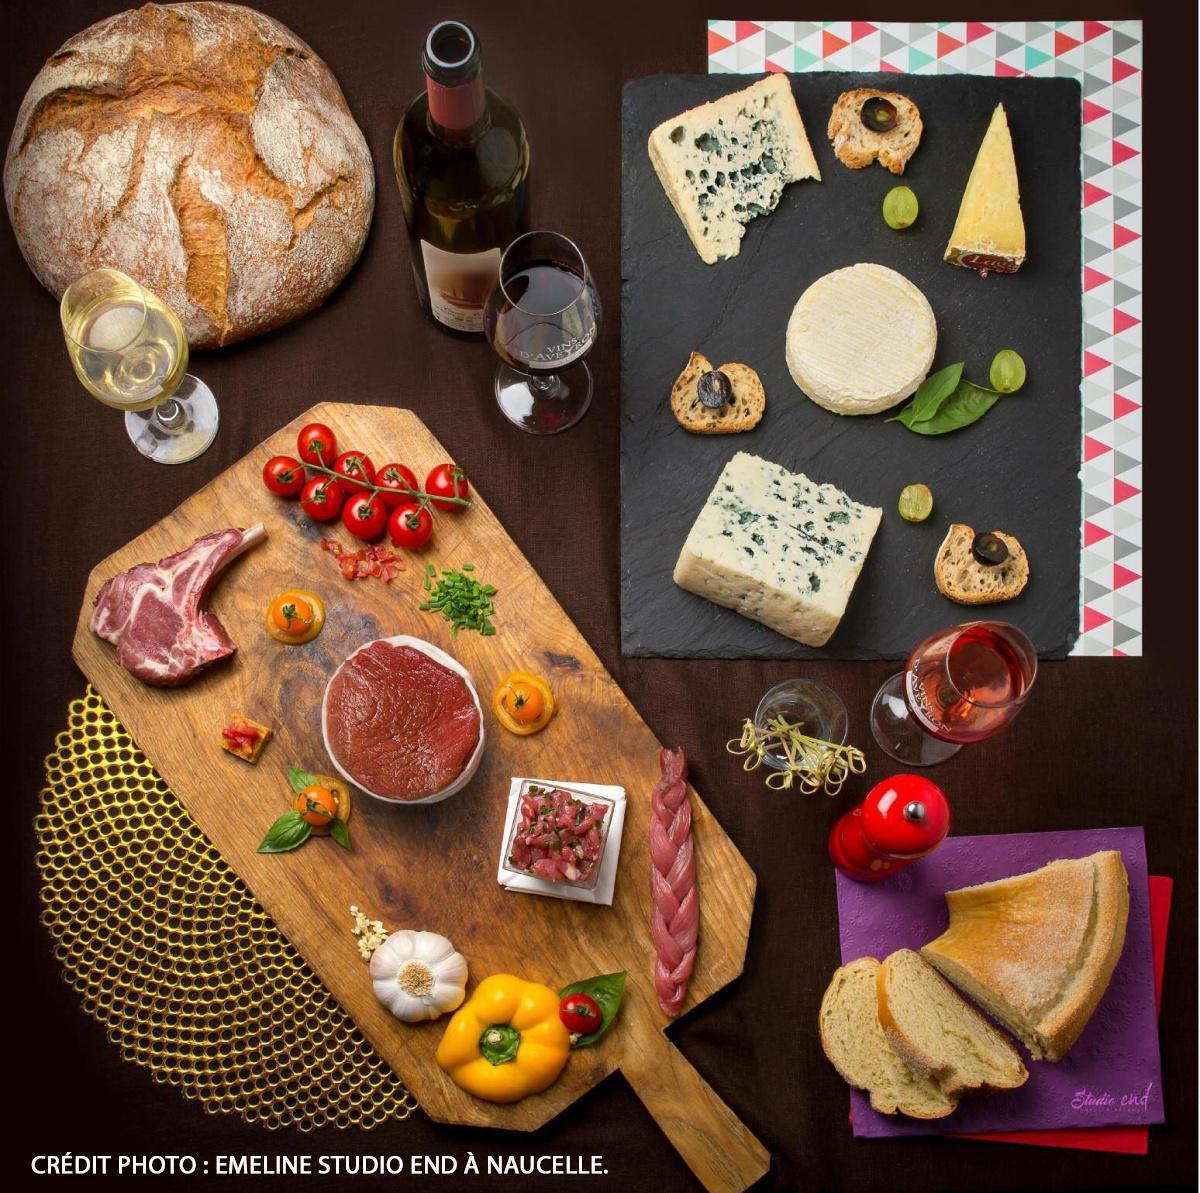 Viandes, Fromages et Vins d'Aveyron sous signes officiel de qualité de l'Aveyron